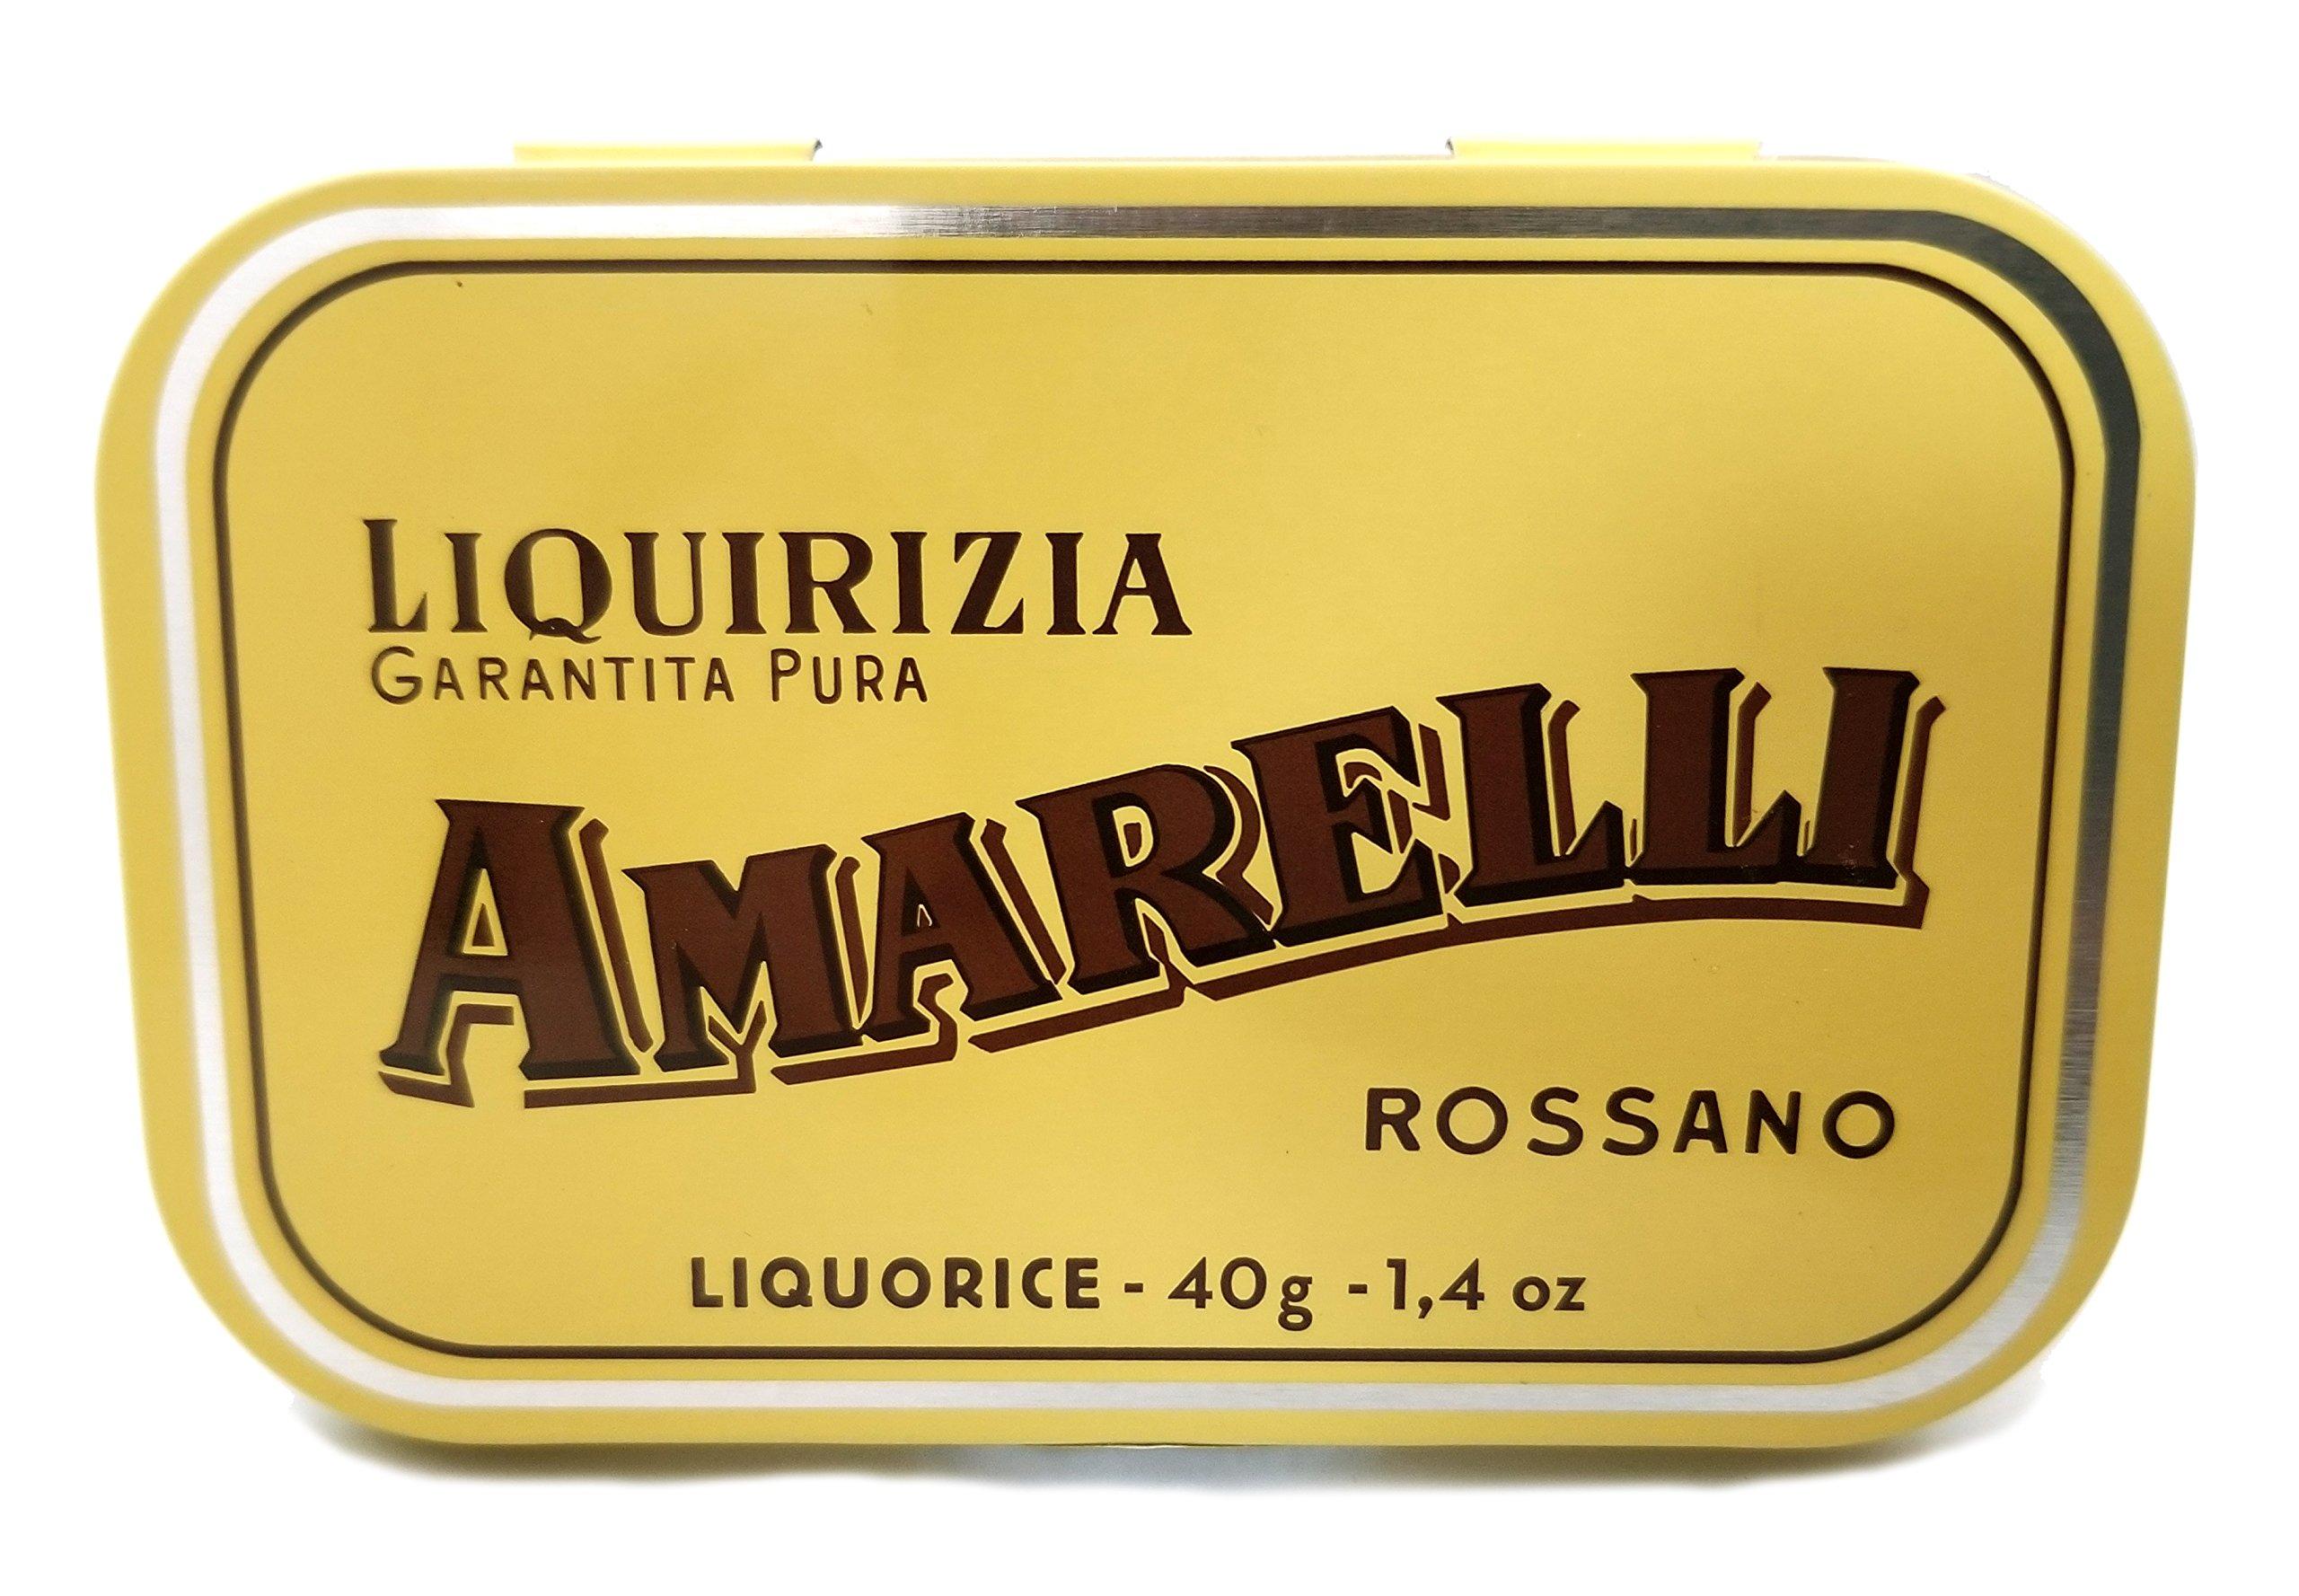 Amarelli Rossano Licorice Garantita Pura - Product of Italy 3 Pack